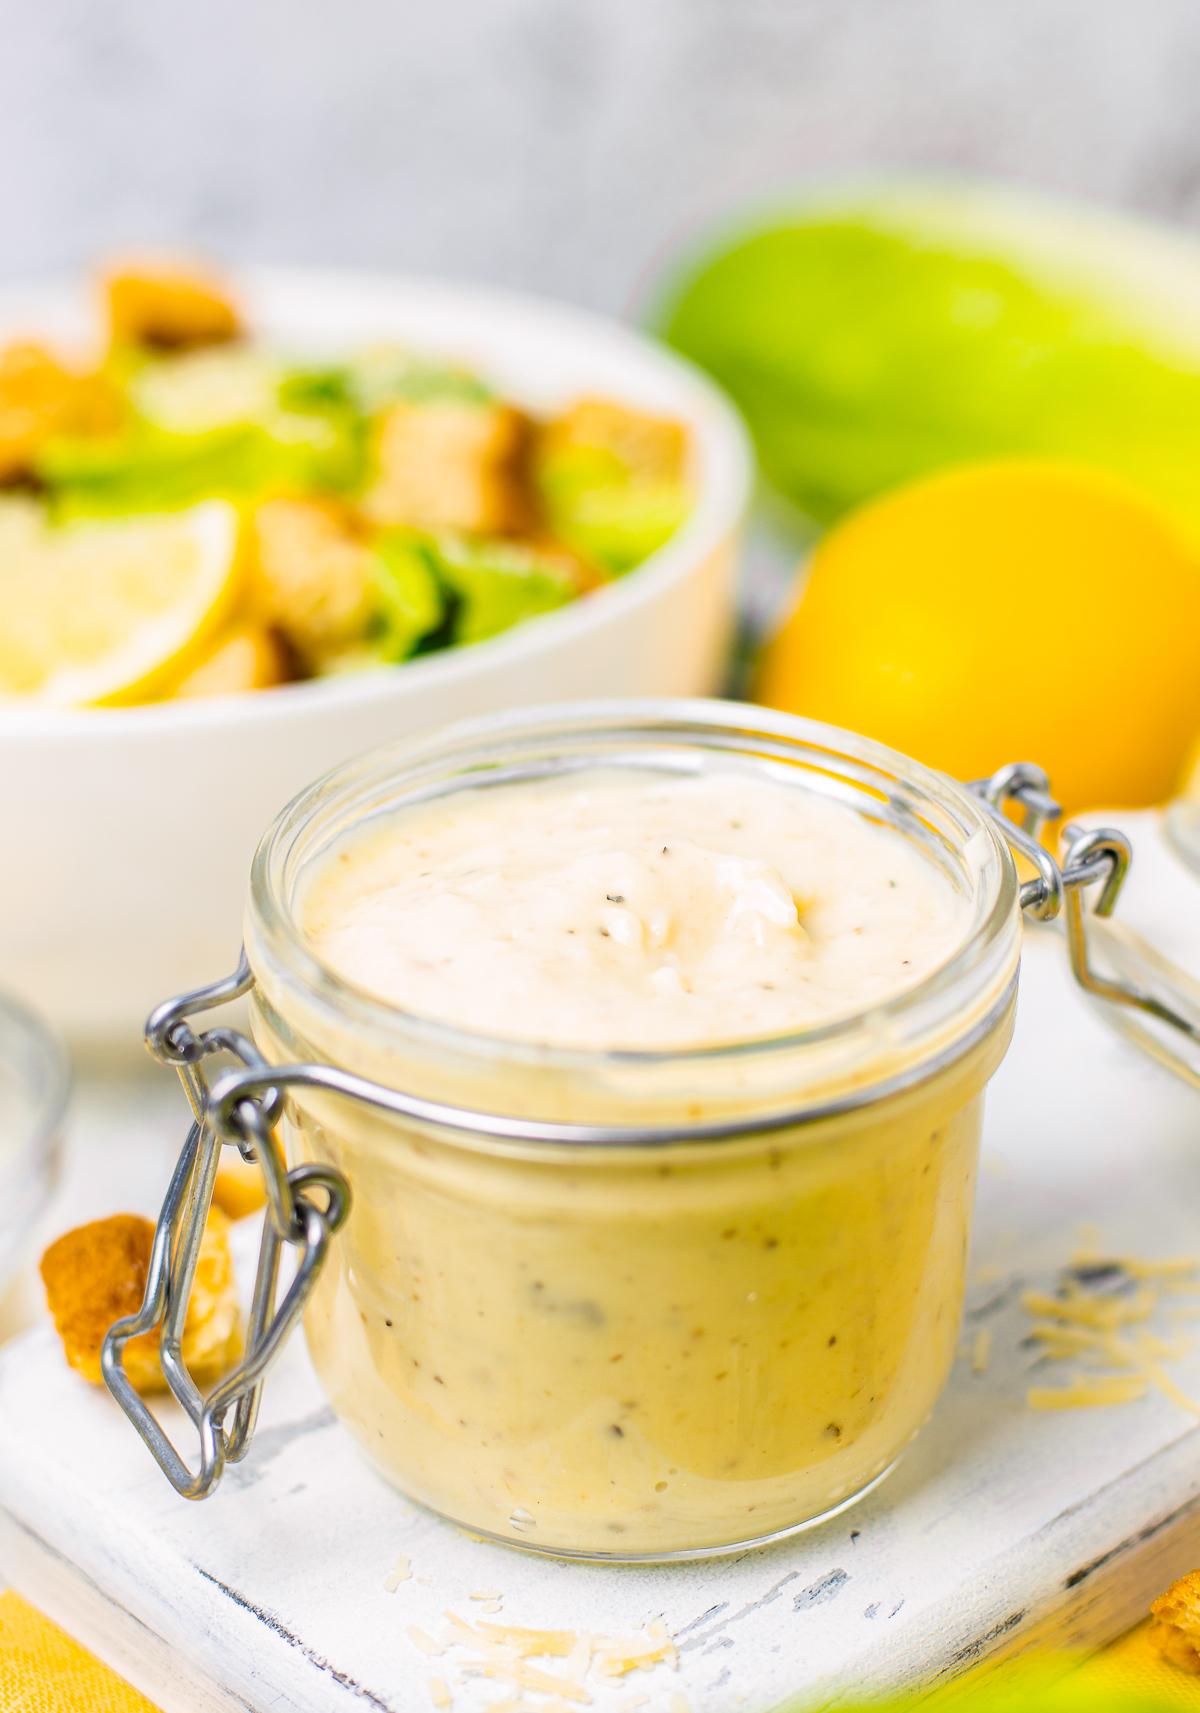 Homemade Caesar Salad Dressing in open jar on white platter.